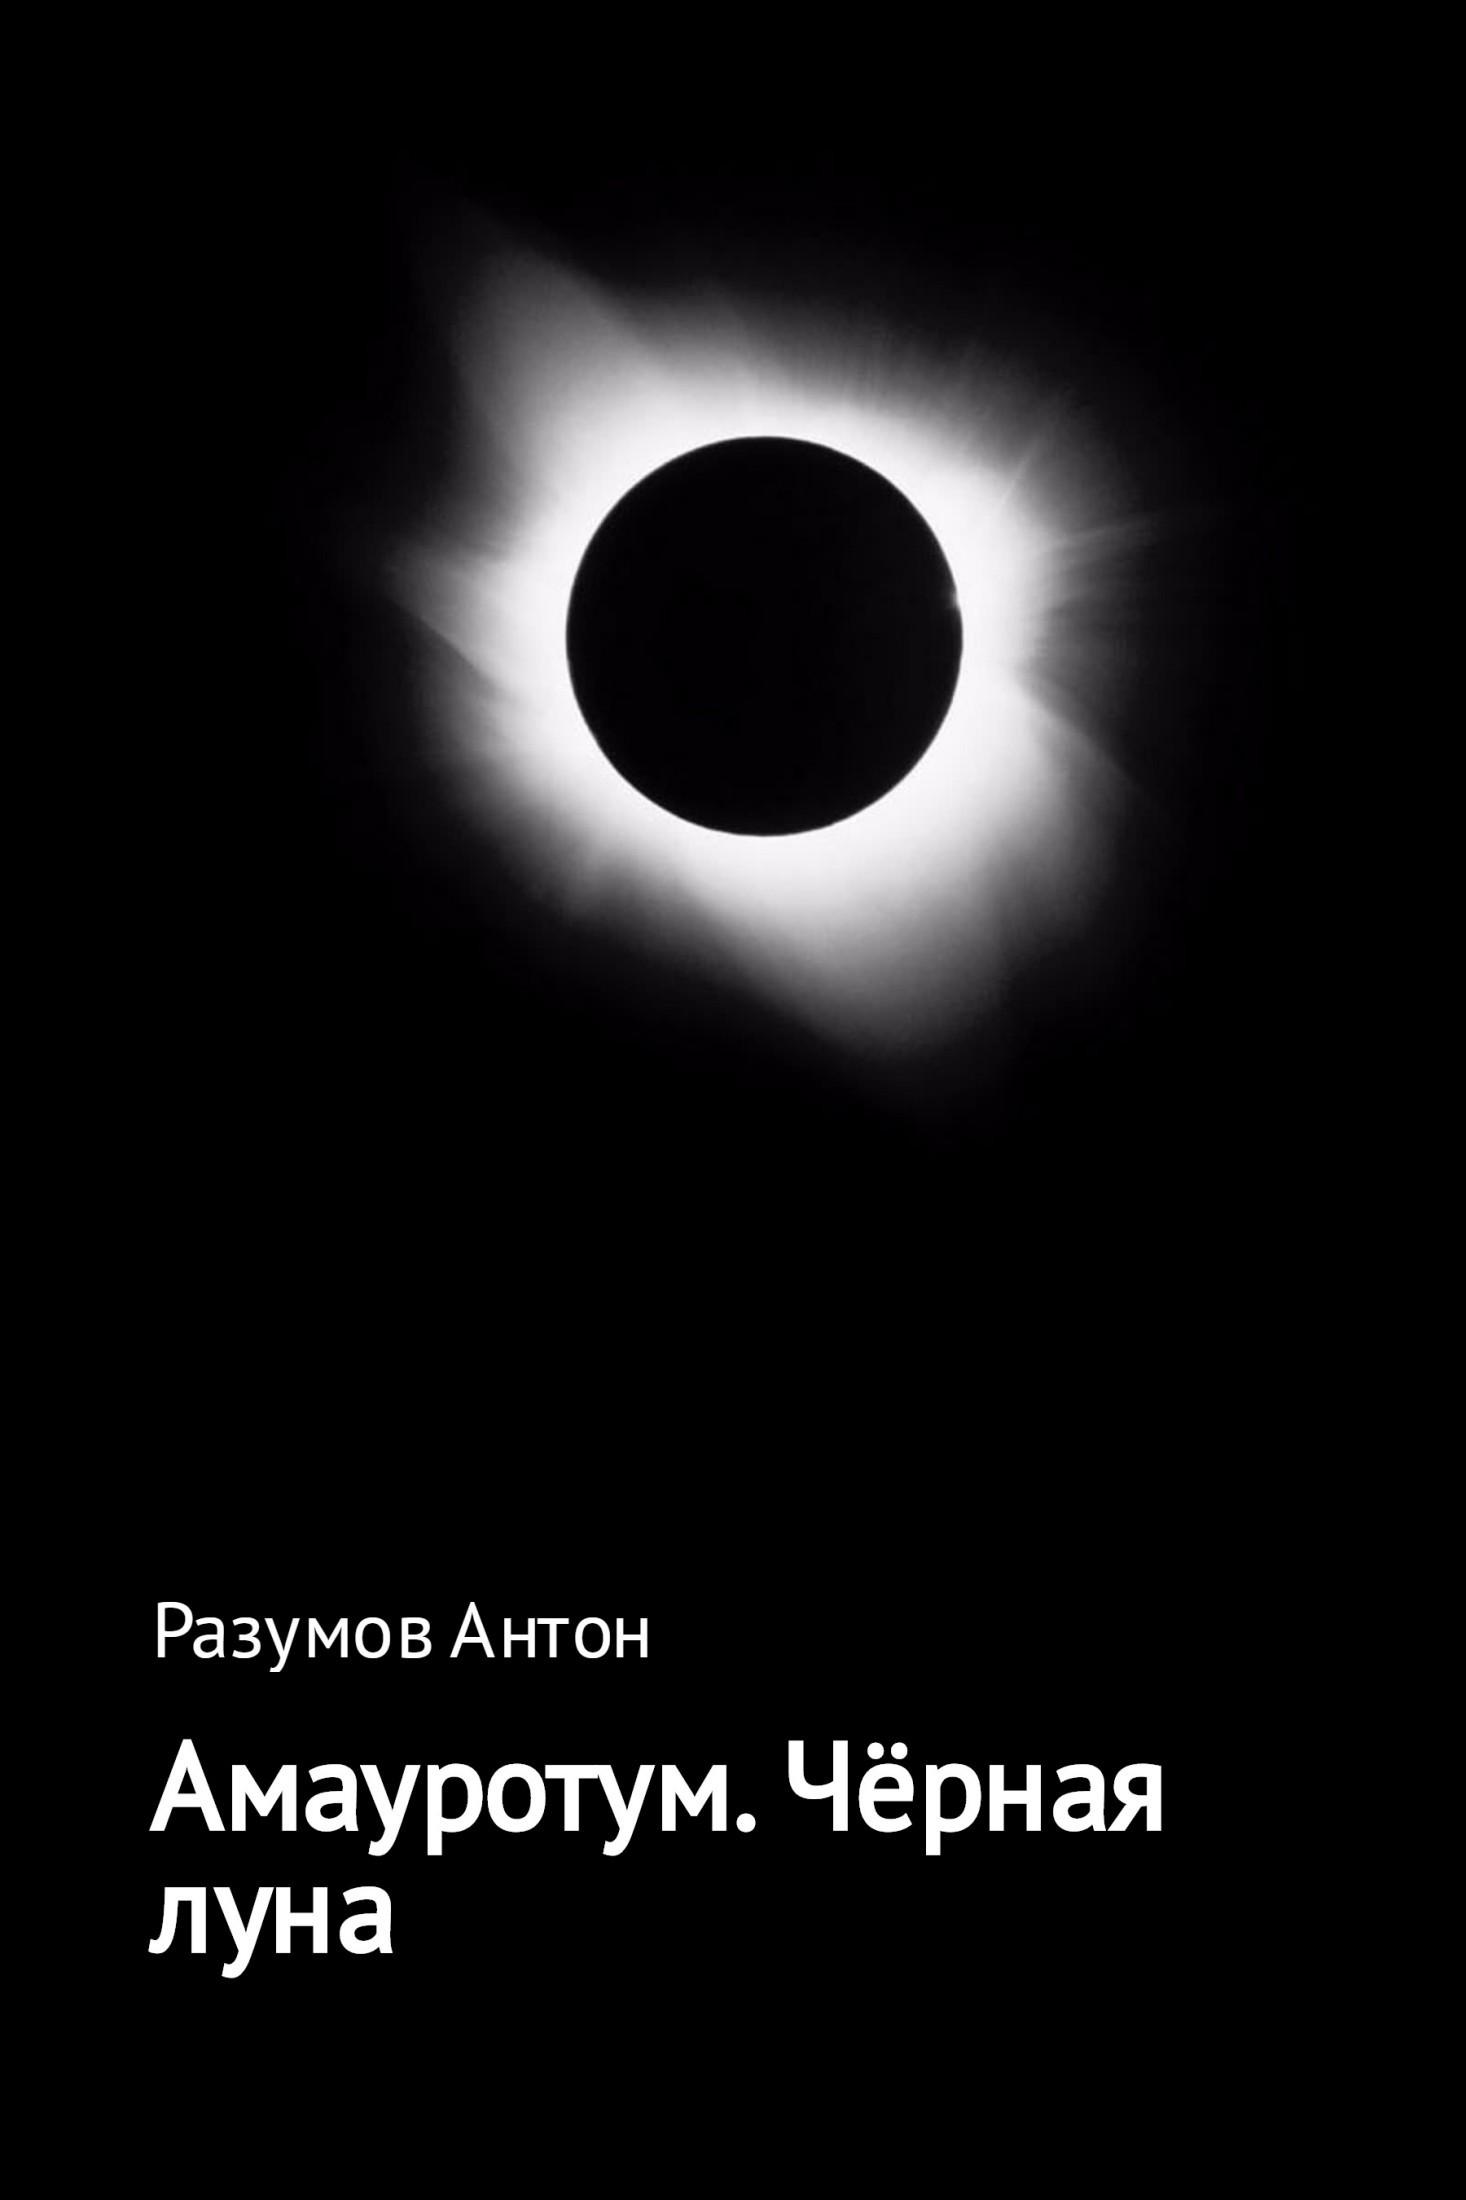 Амауротум. Чёрная луна